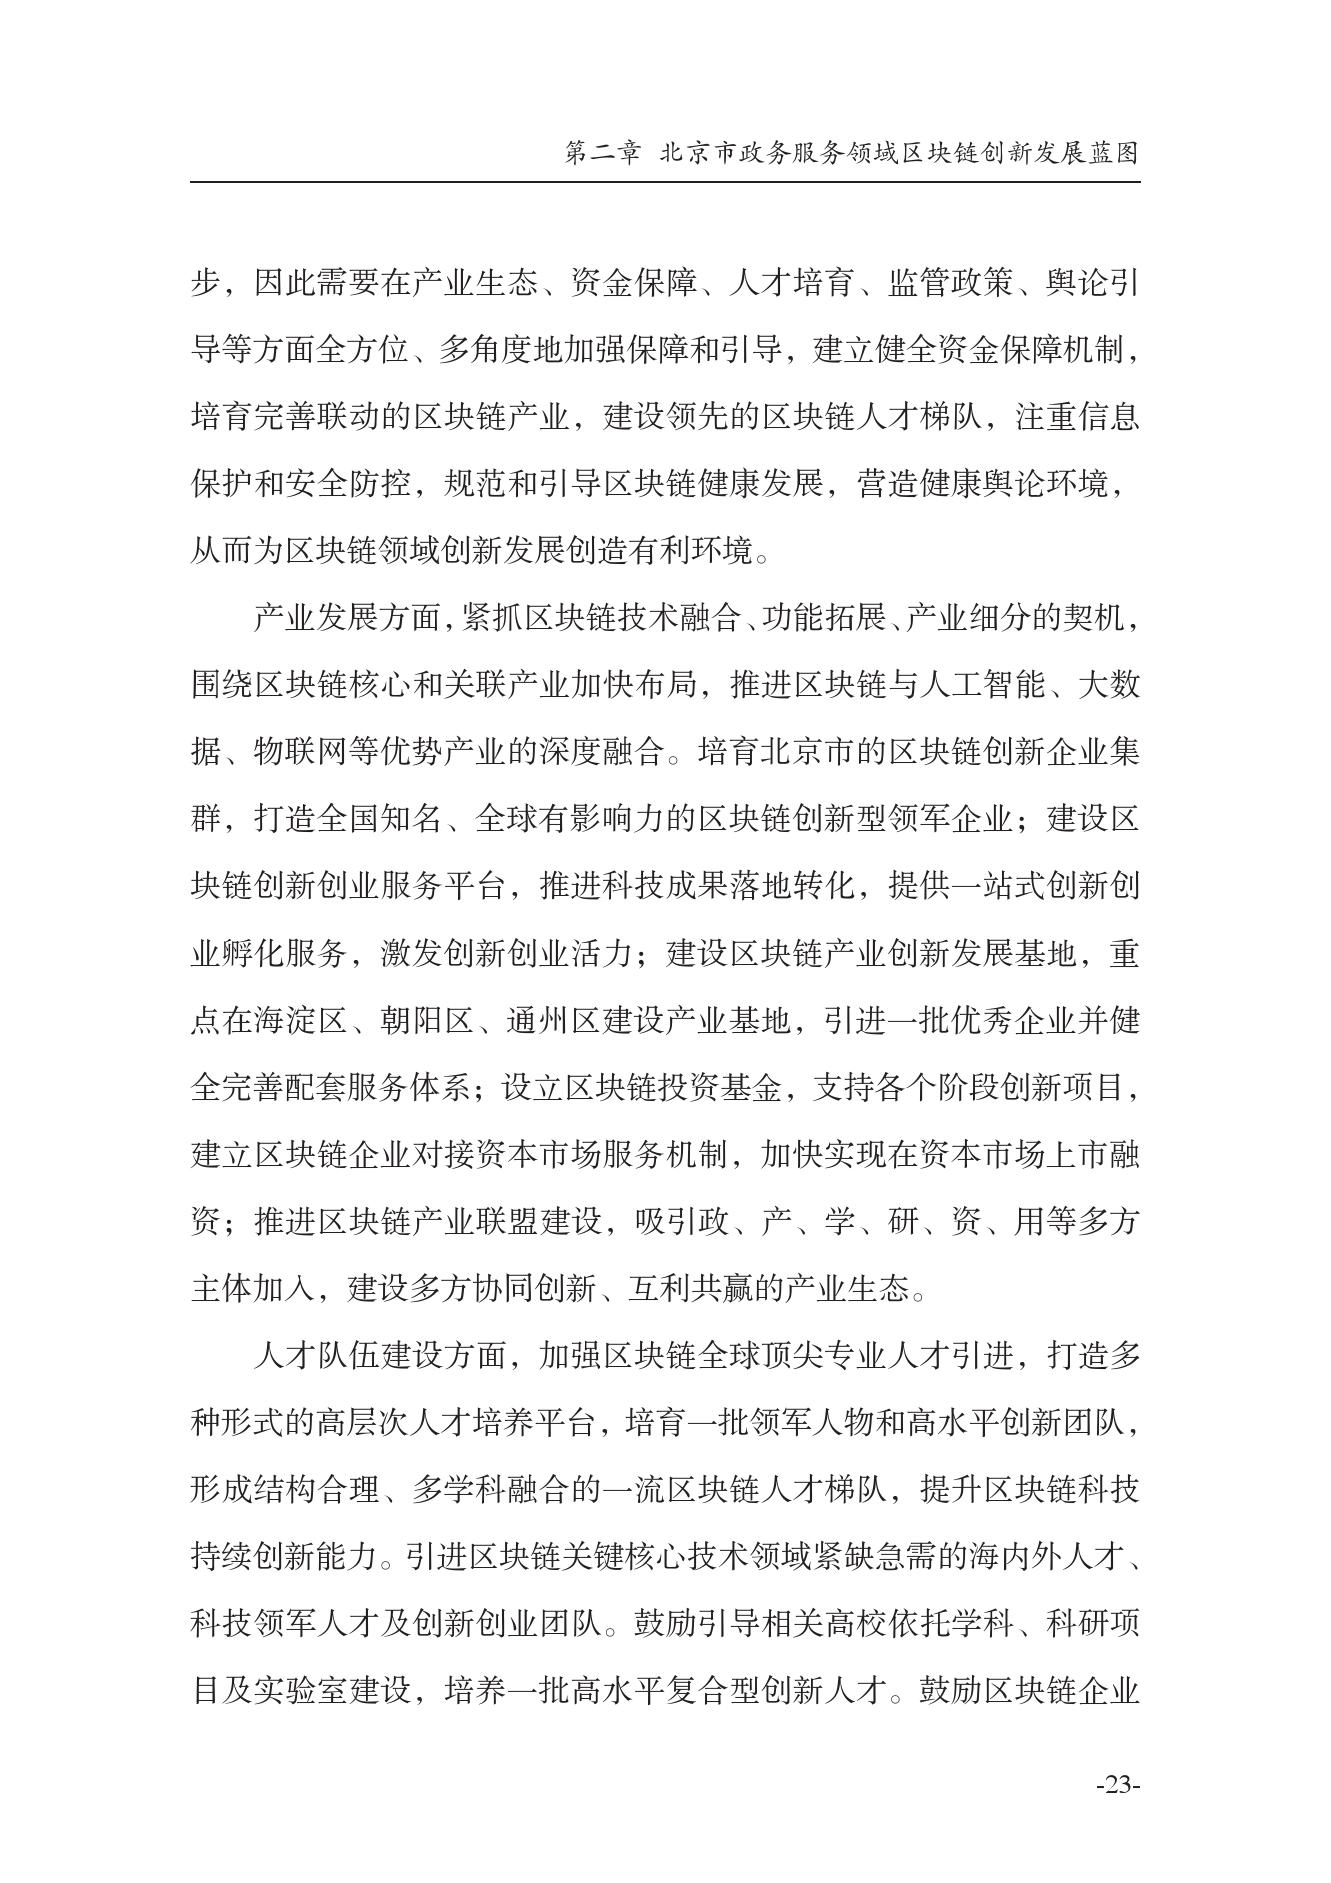 北京市政务服务领域区块链应用创新蓝皮书(可下载报告)插图(51)